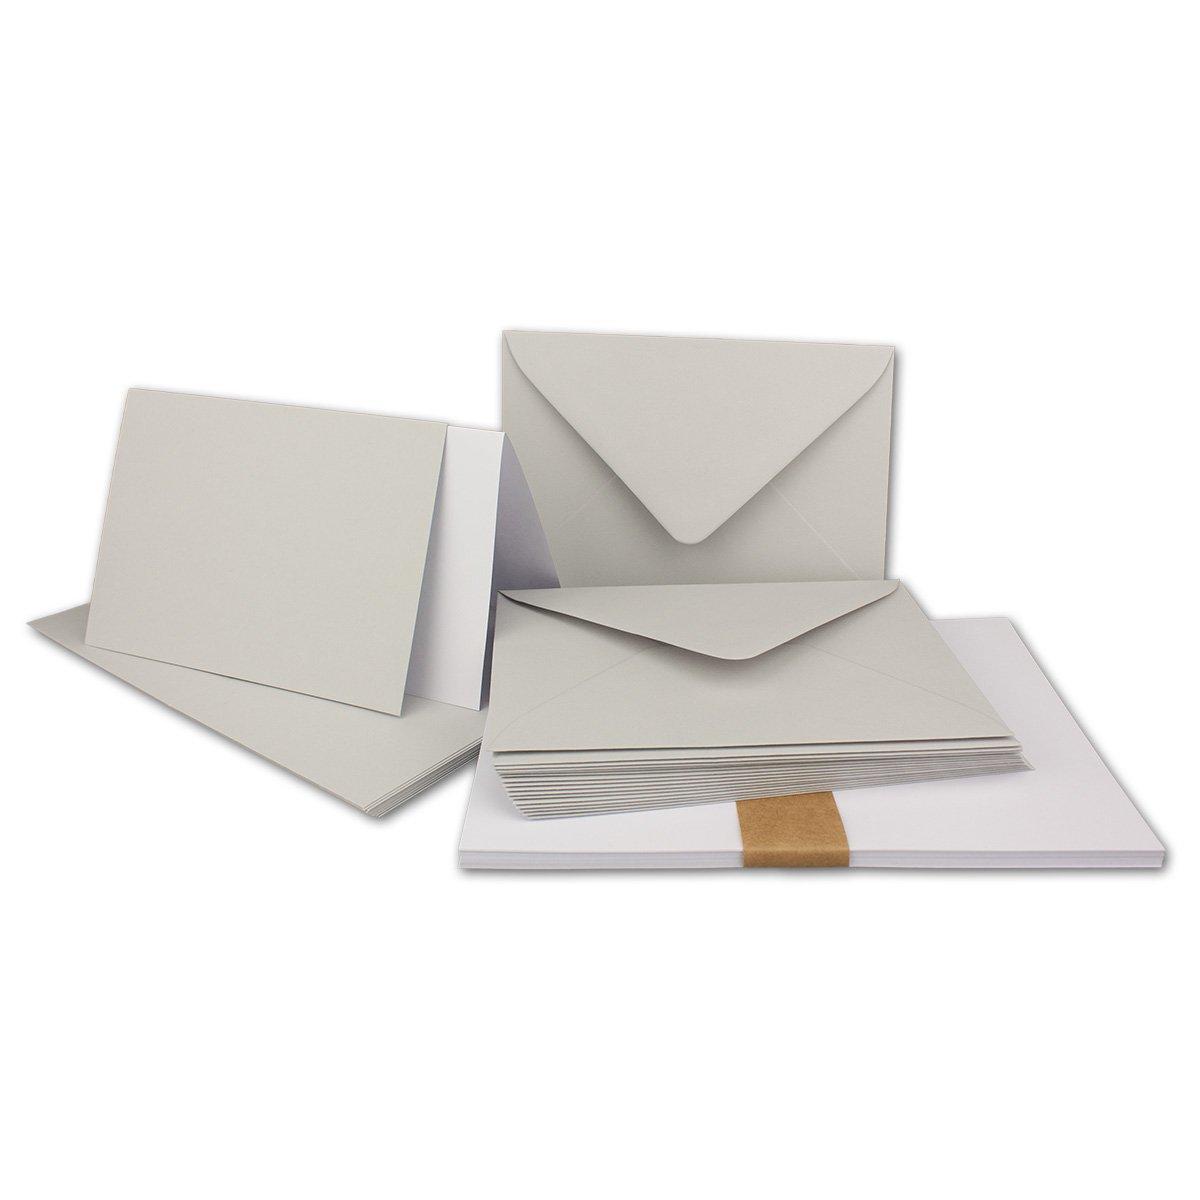 150 Sets - Faltkarten Hellgrau - DIN A5  Umschläge  Einlegeblätter DIN C5 - PREMIUM QUALITÄT - sehr formstabil - Qualitätsmarke  NEUSER FarbenFroh B07C2XC4NB | Bestellung willkommen